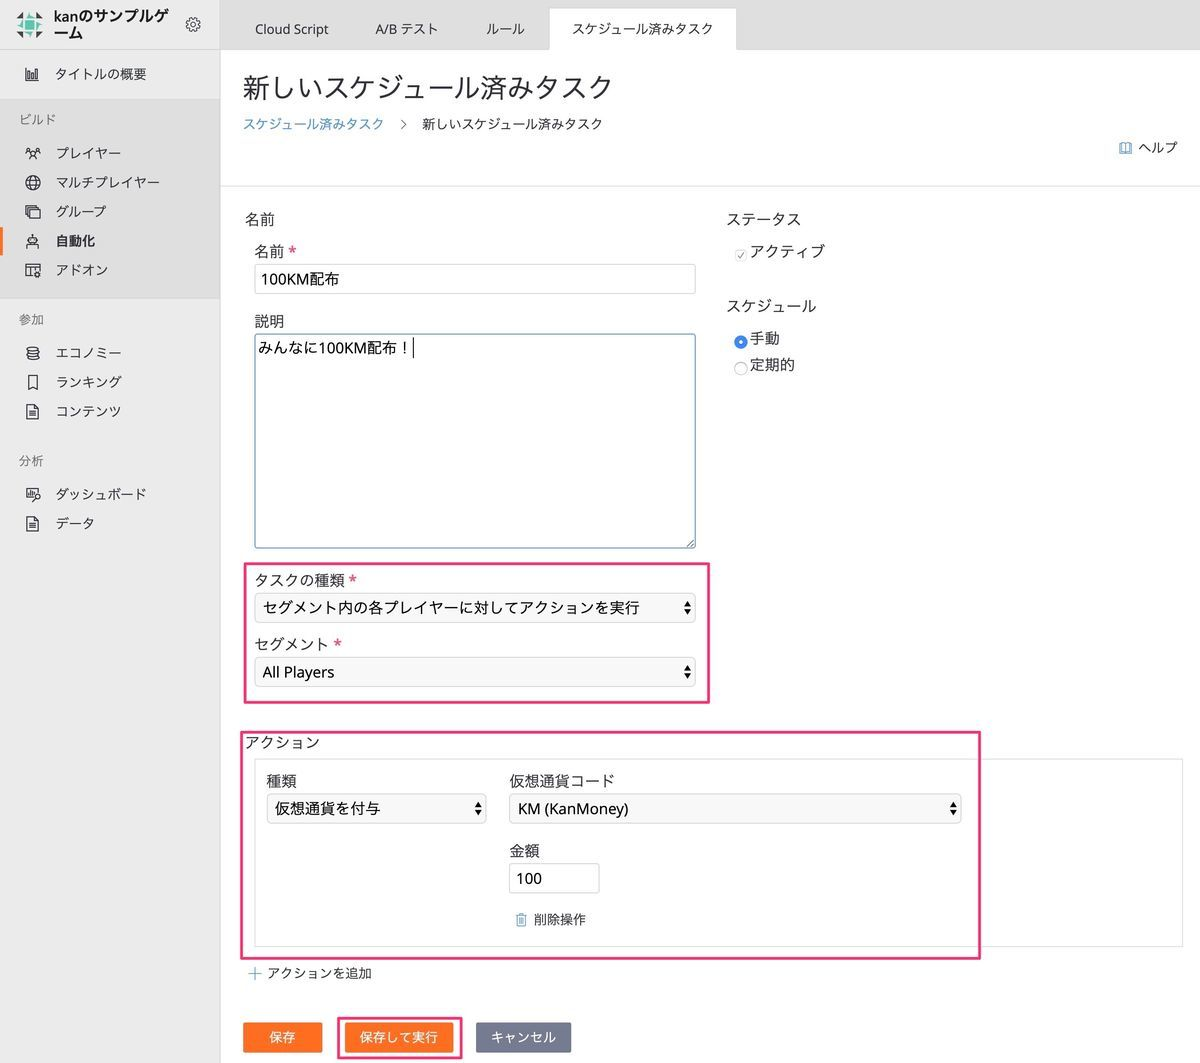 f:id:kan_kikuchi:20200212145051j:plain